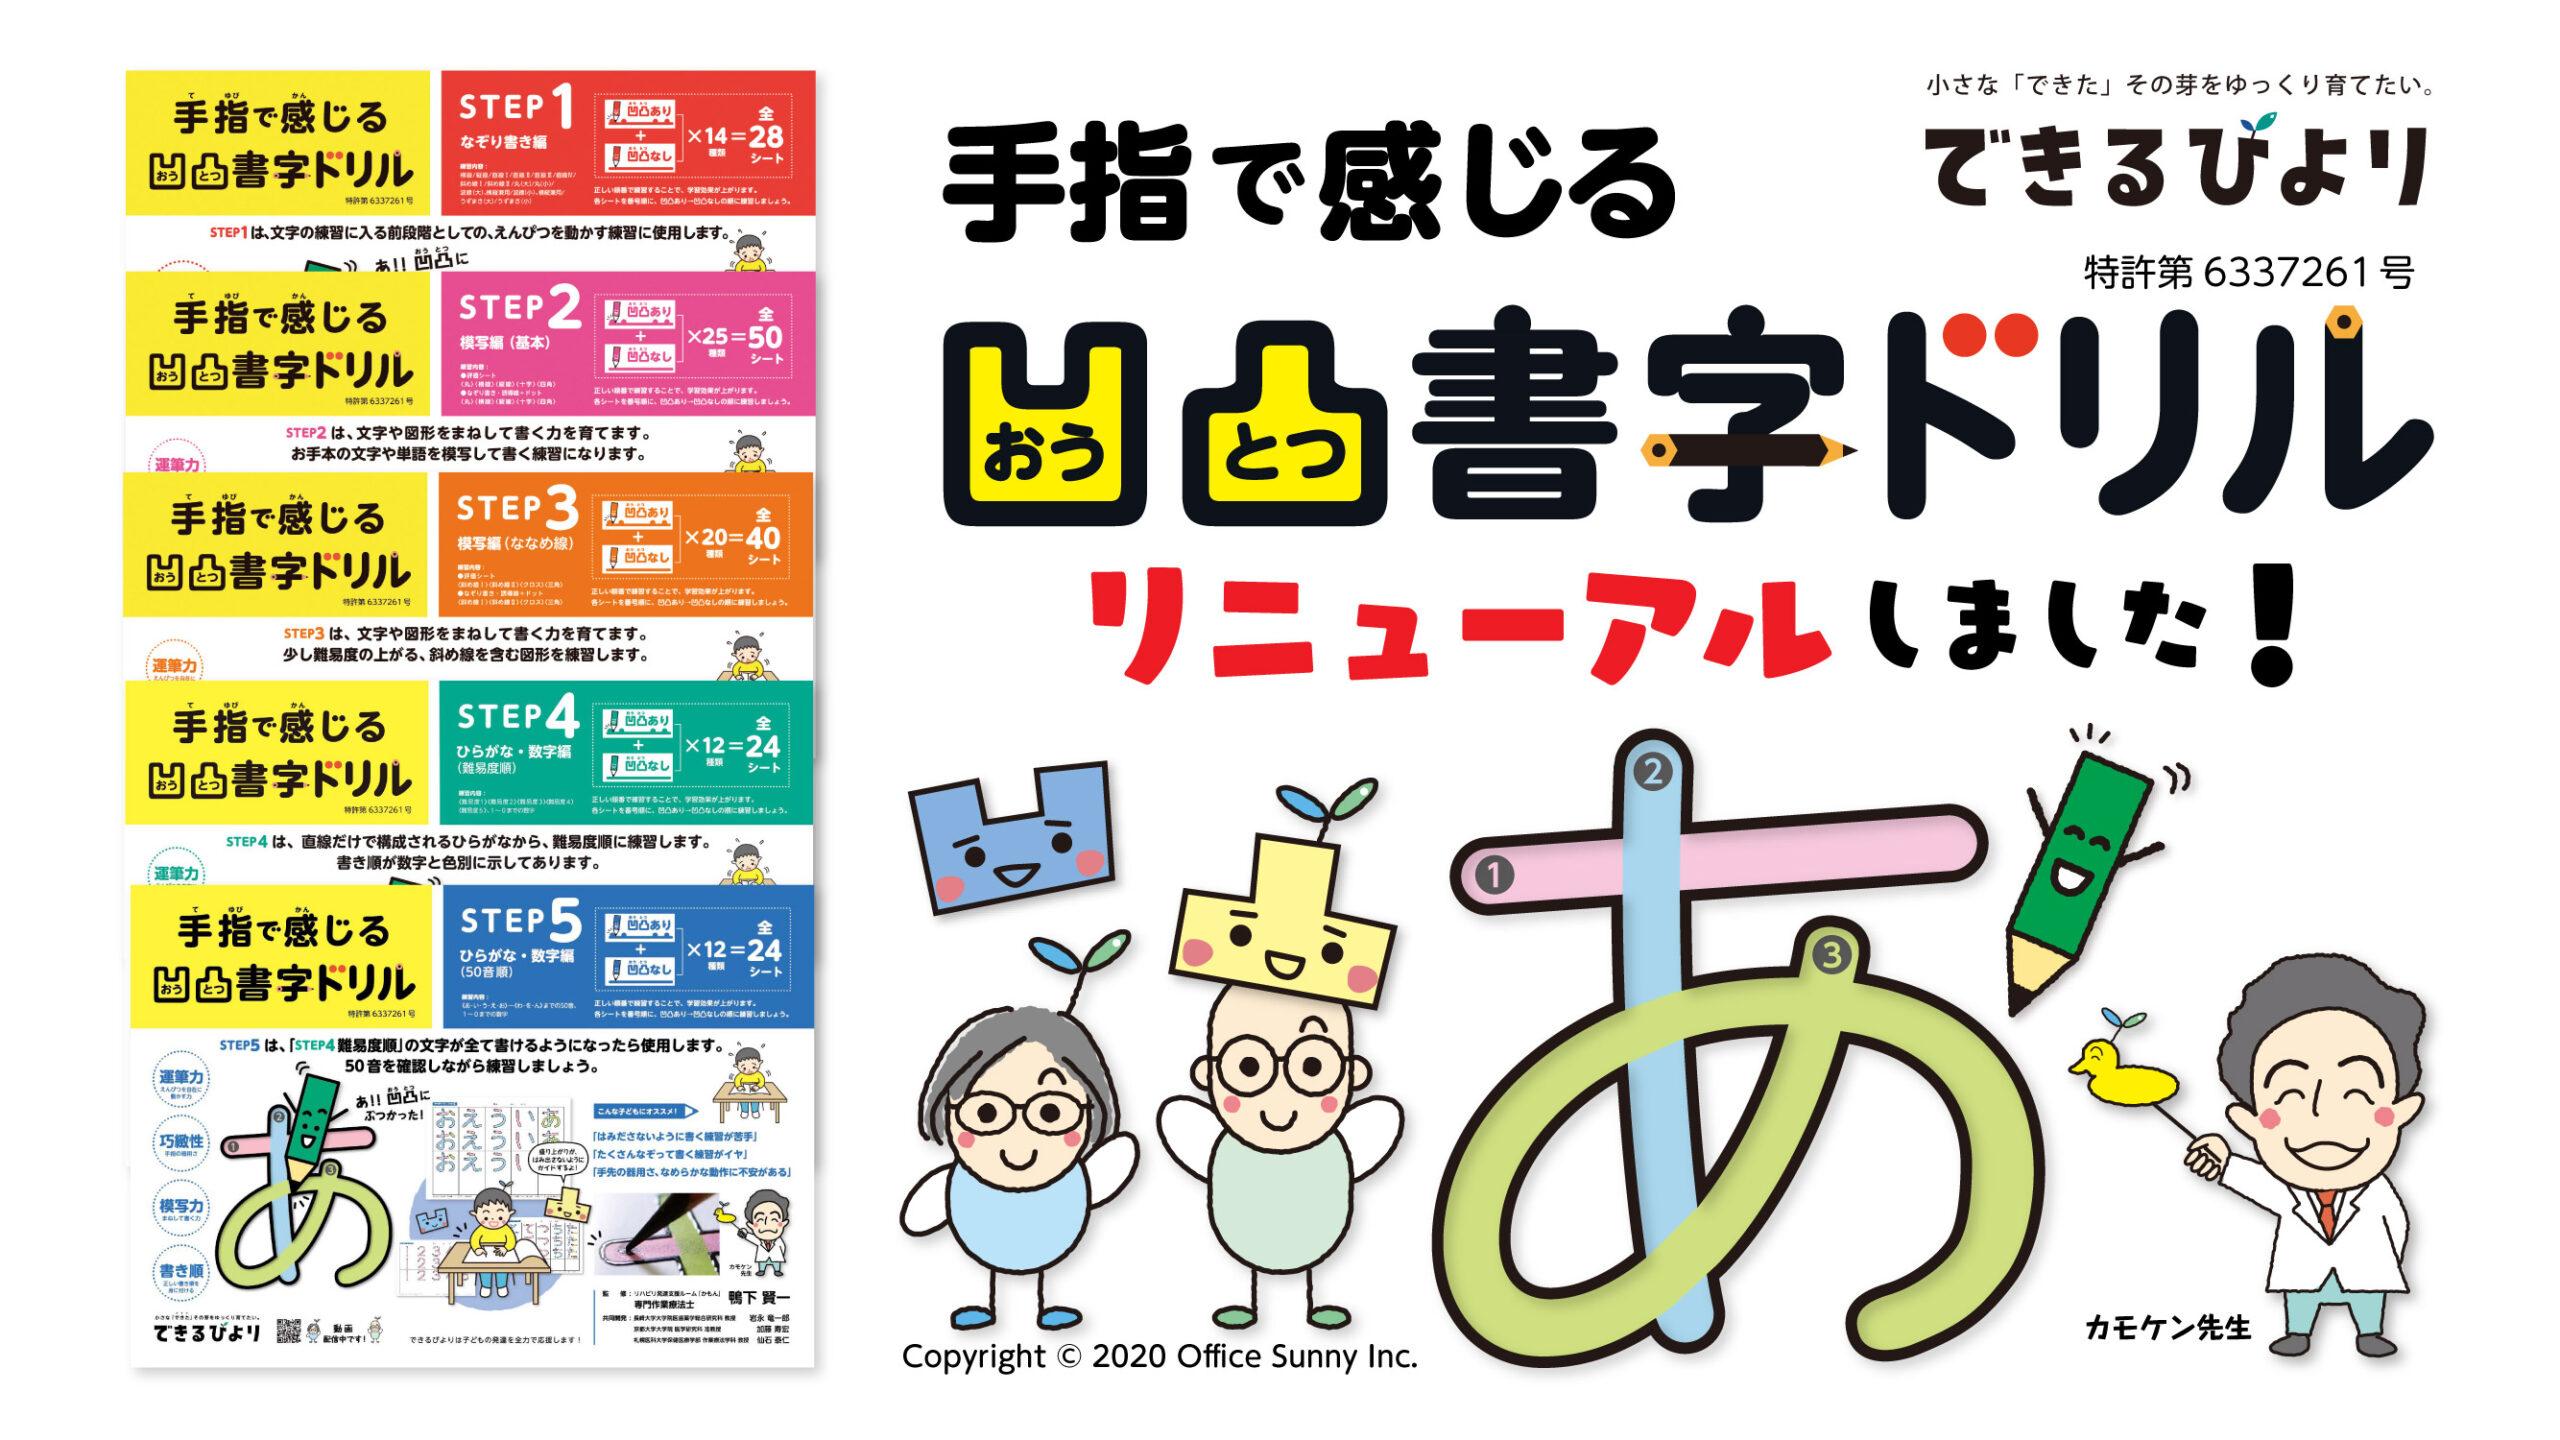 凹凸書字ドリル 商品リニューアル紹介動画